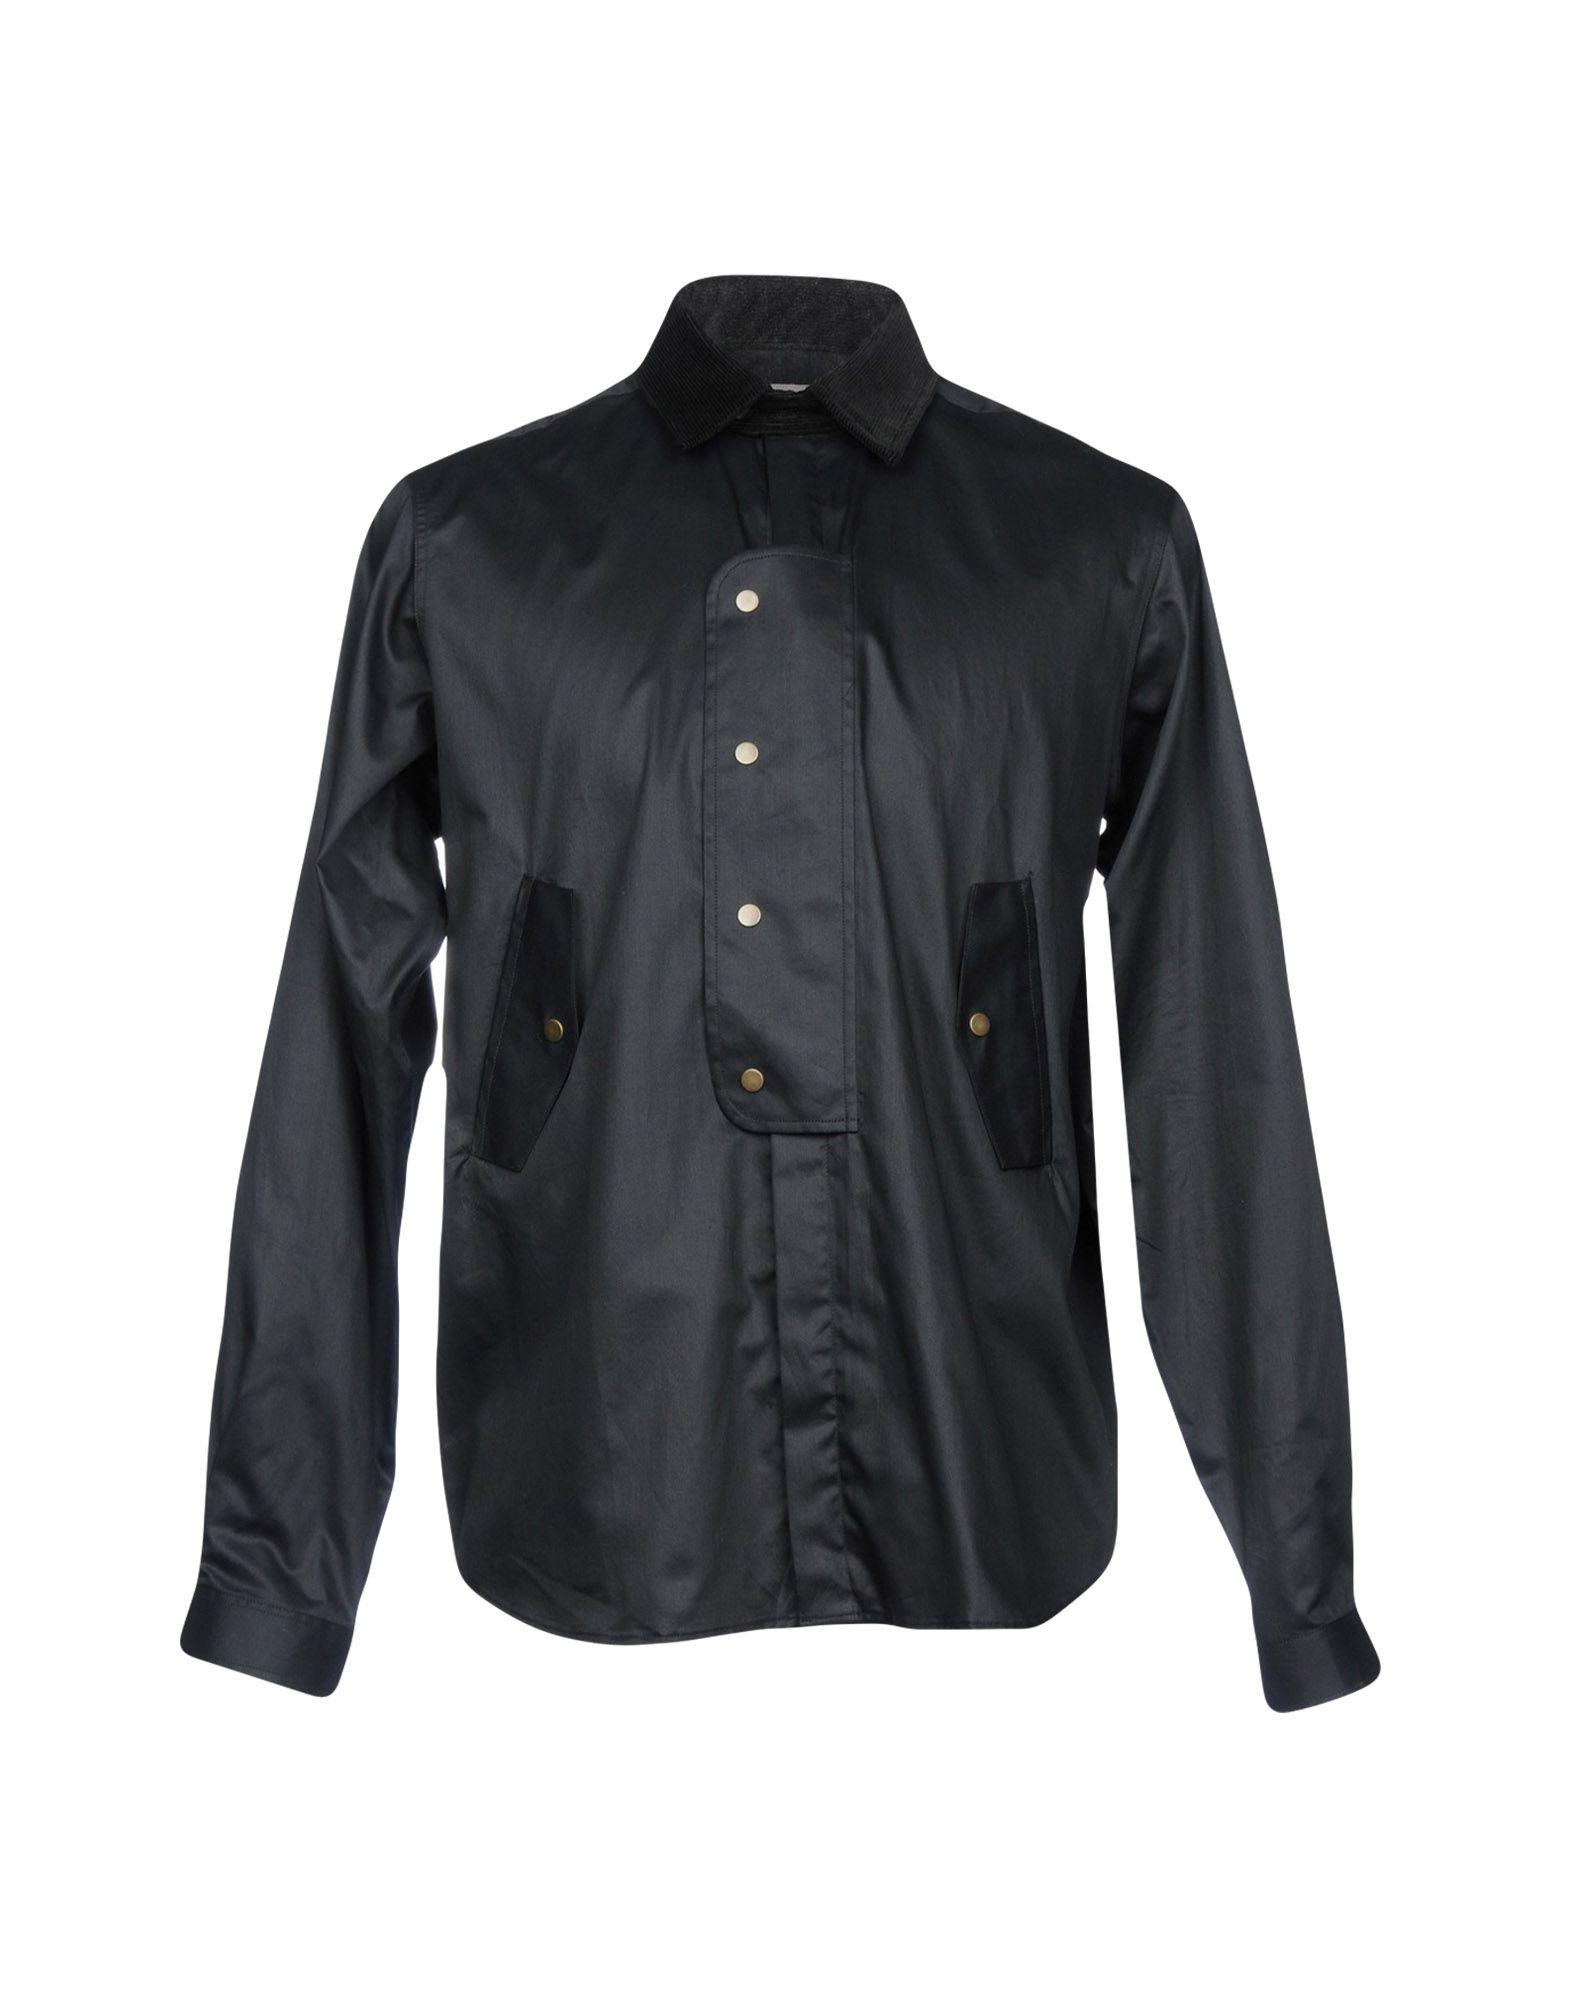 CASELY HAYFORD Pубашка недорго, оригинальная цена